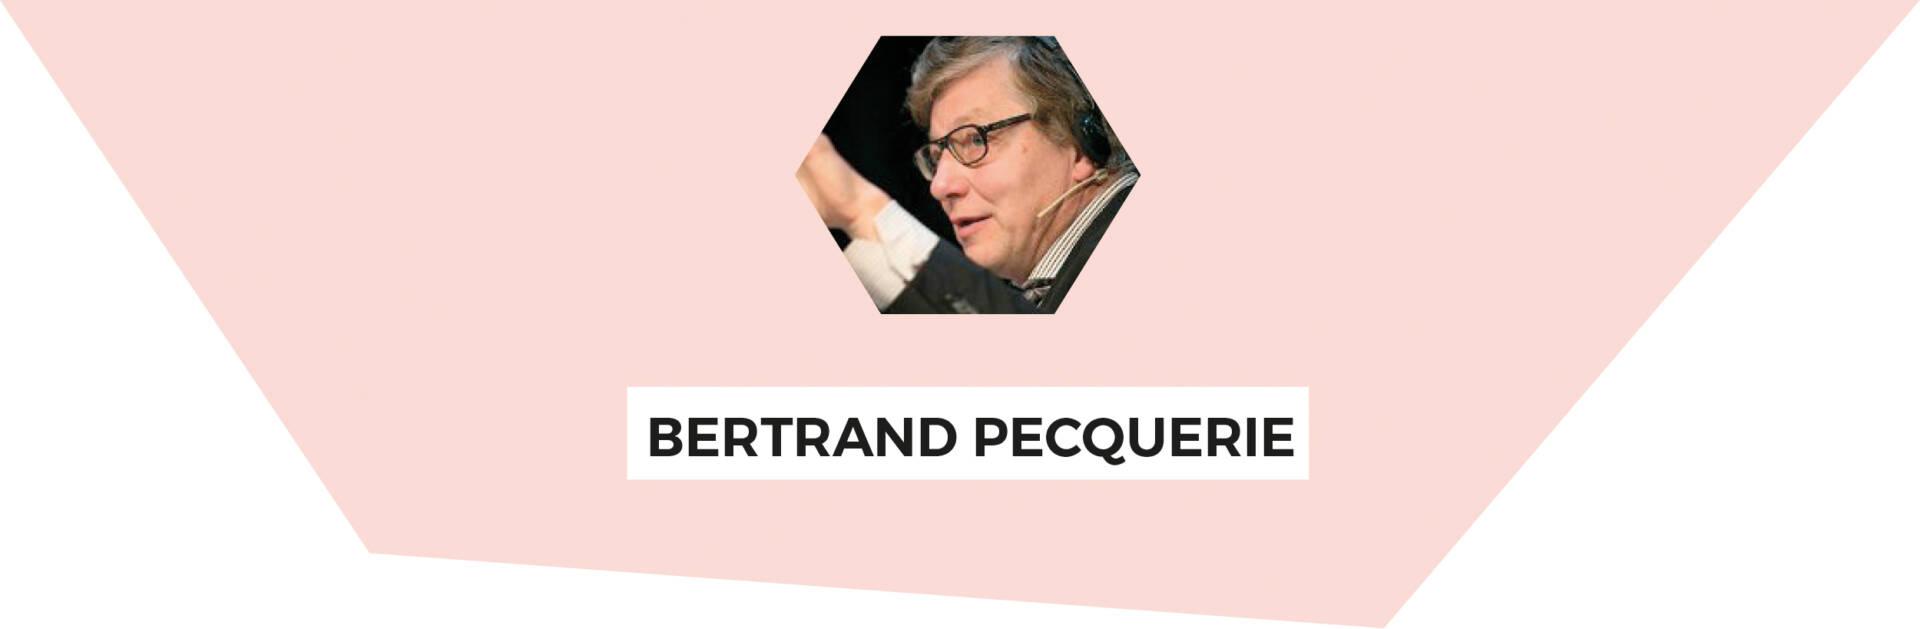 Bertrand pecquerie